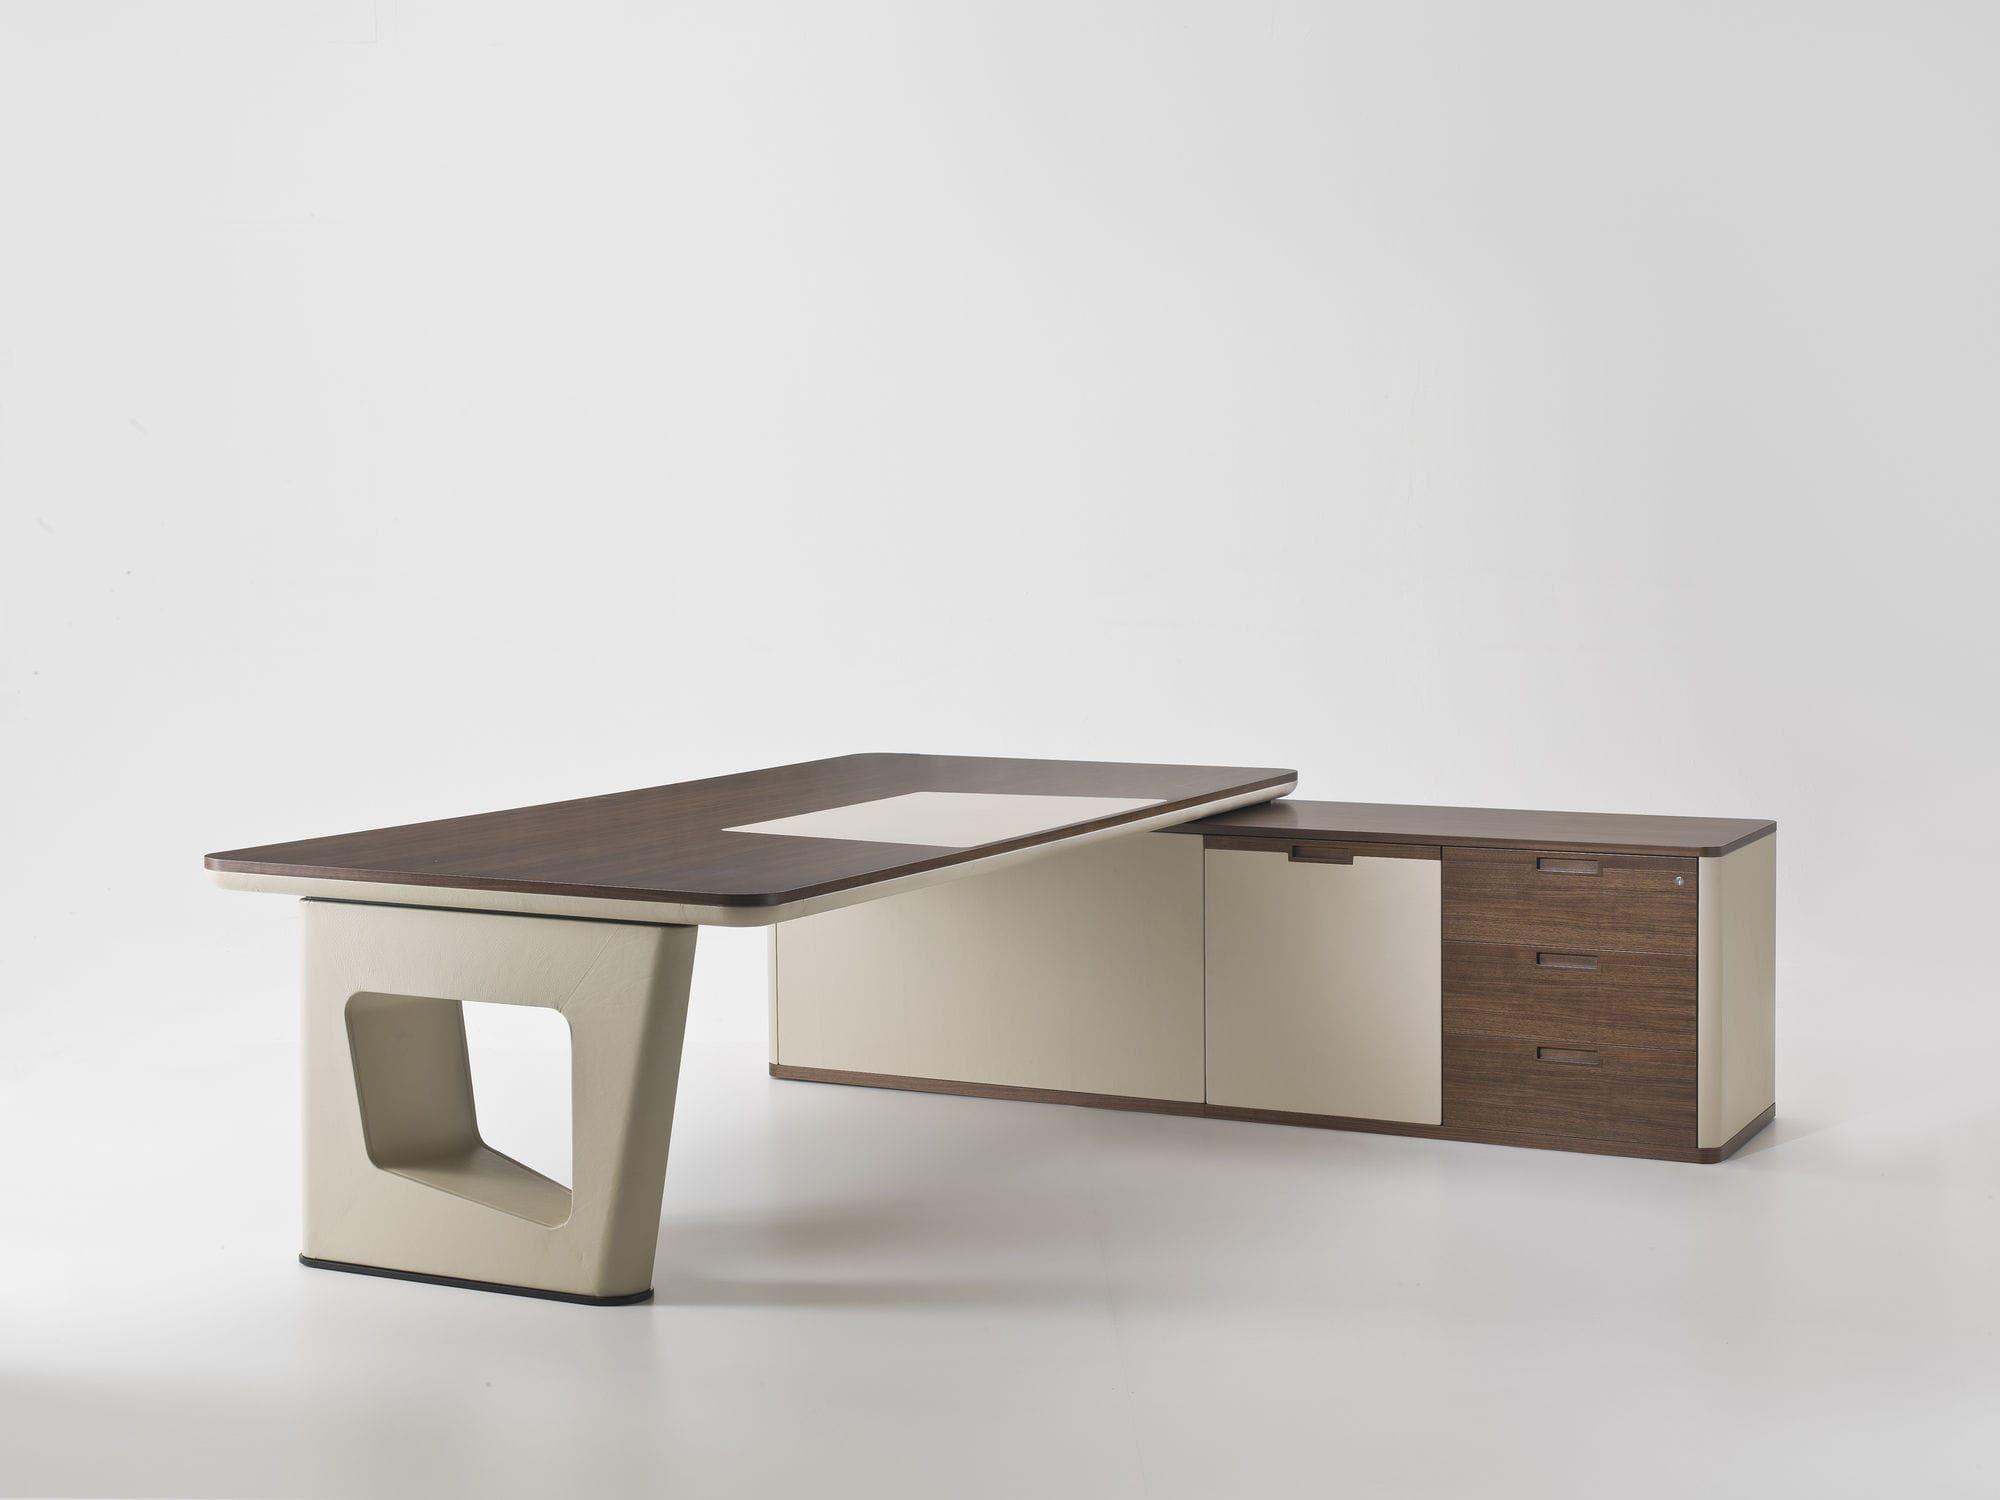 billig schreibtisch mit ecke desk pinterest schreibtische b ros und deutsch. Black Bedroom Furniture Sets. Home Design Ideas